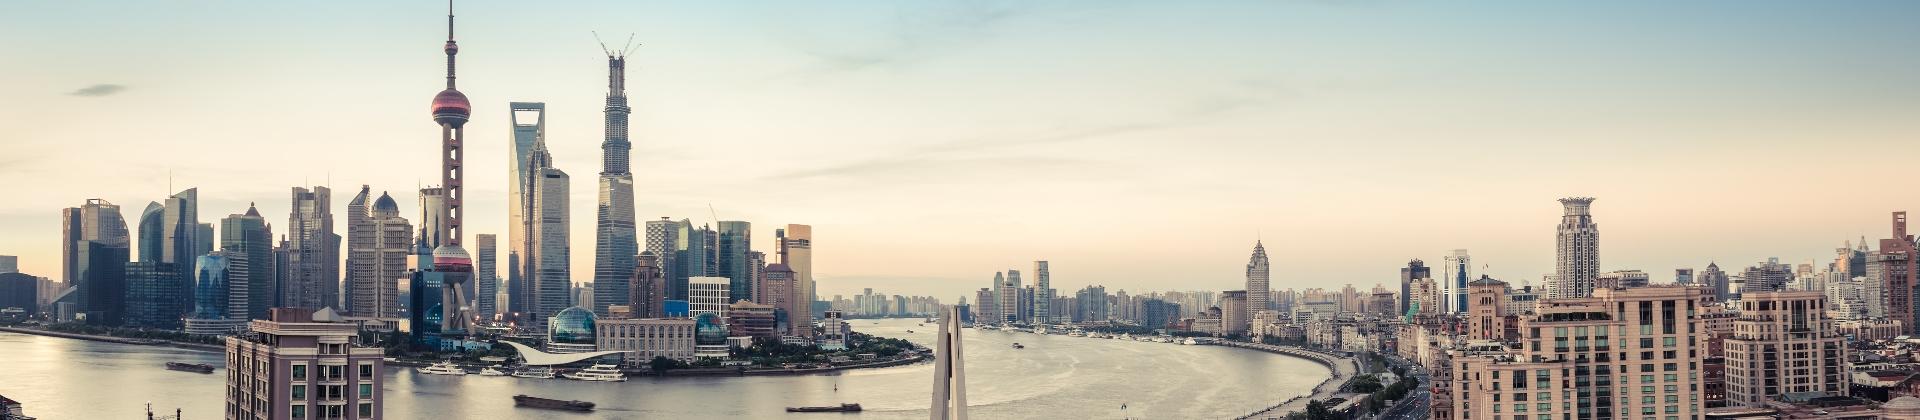 De skyline van Shanghai